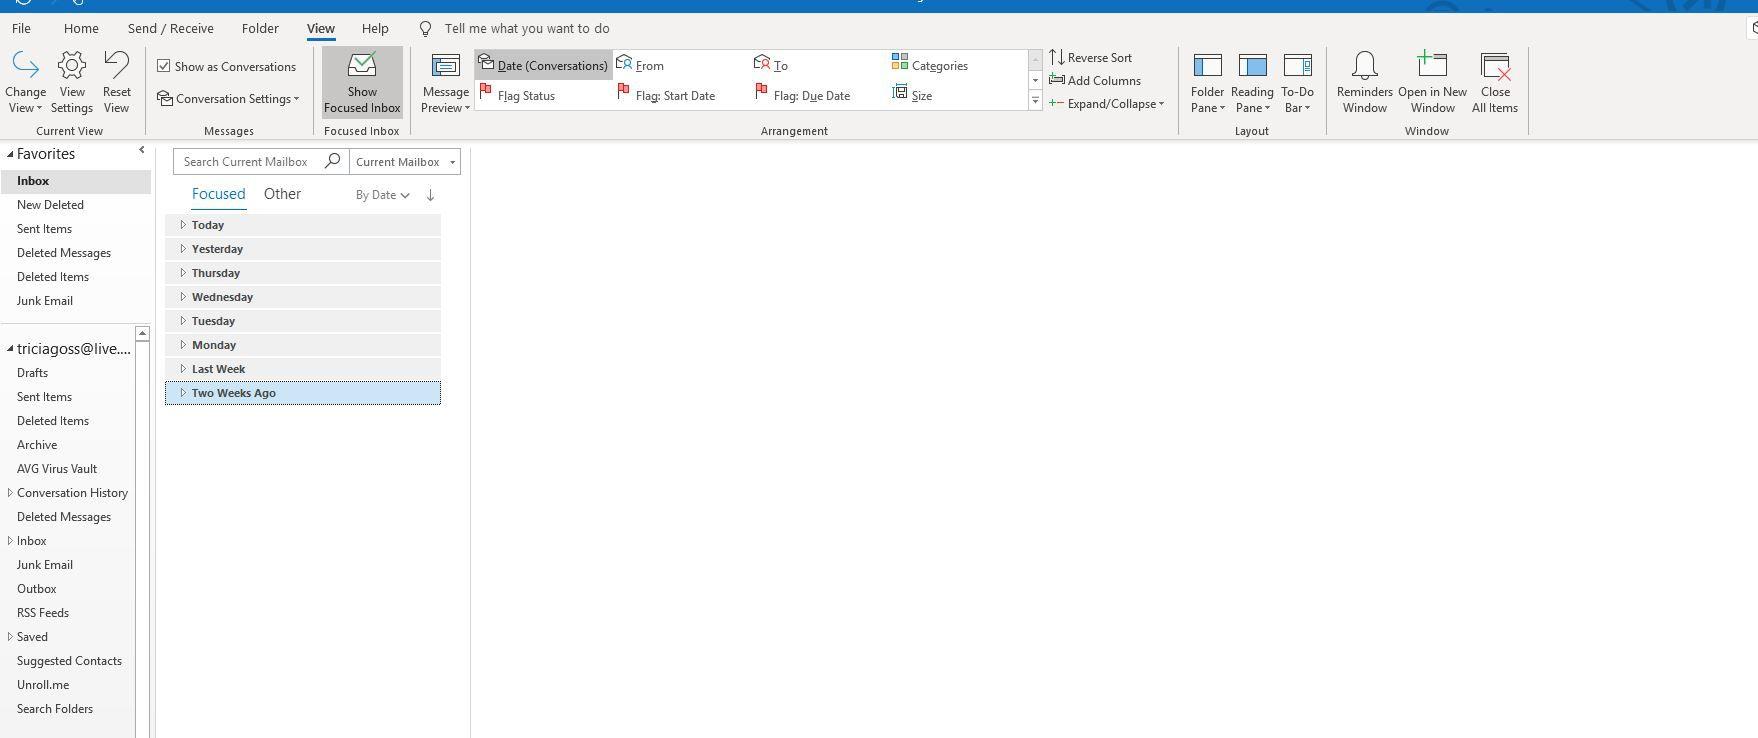 Screenshot of View tab